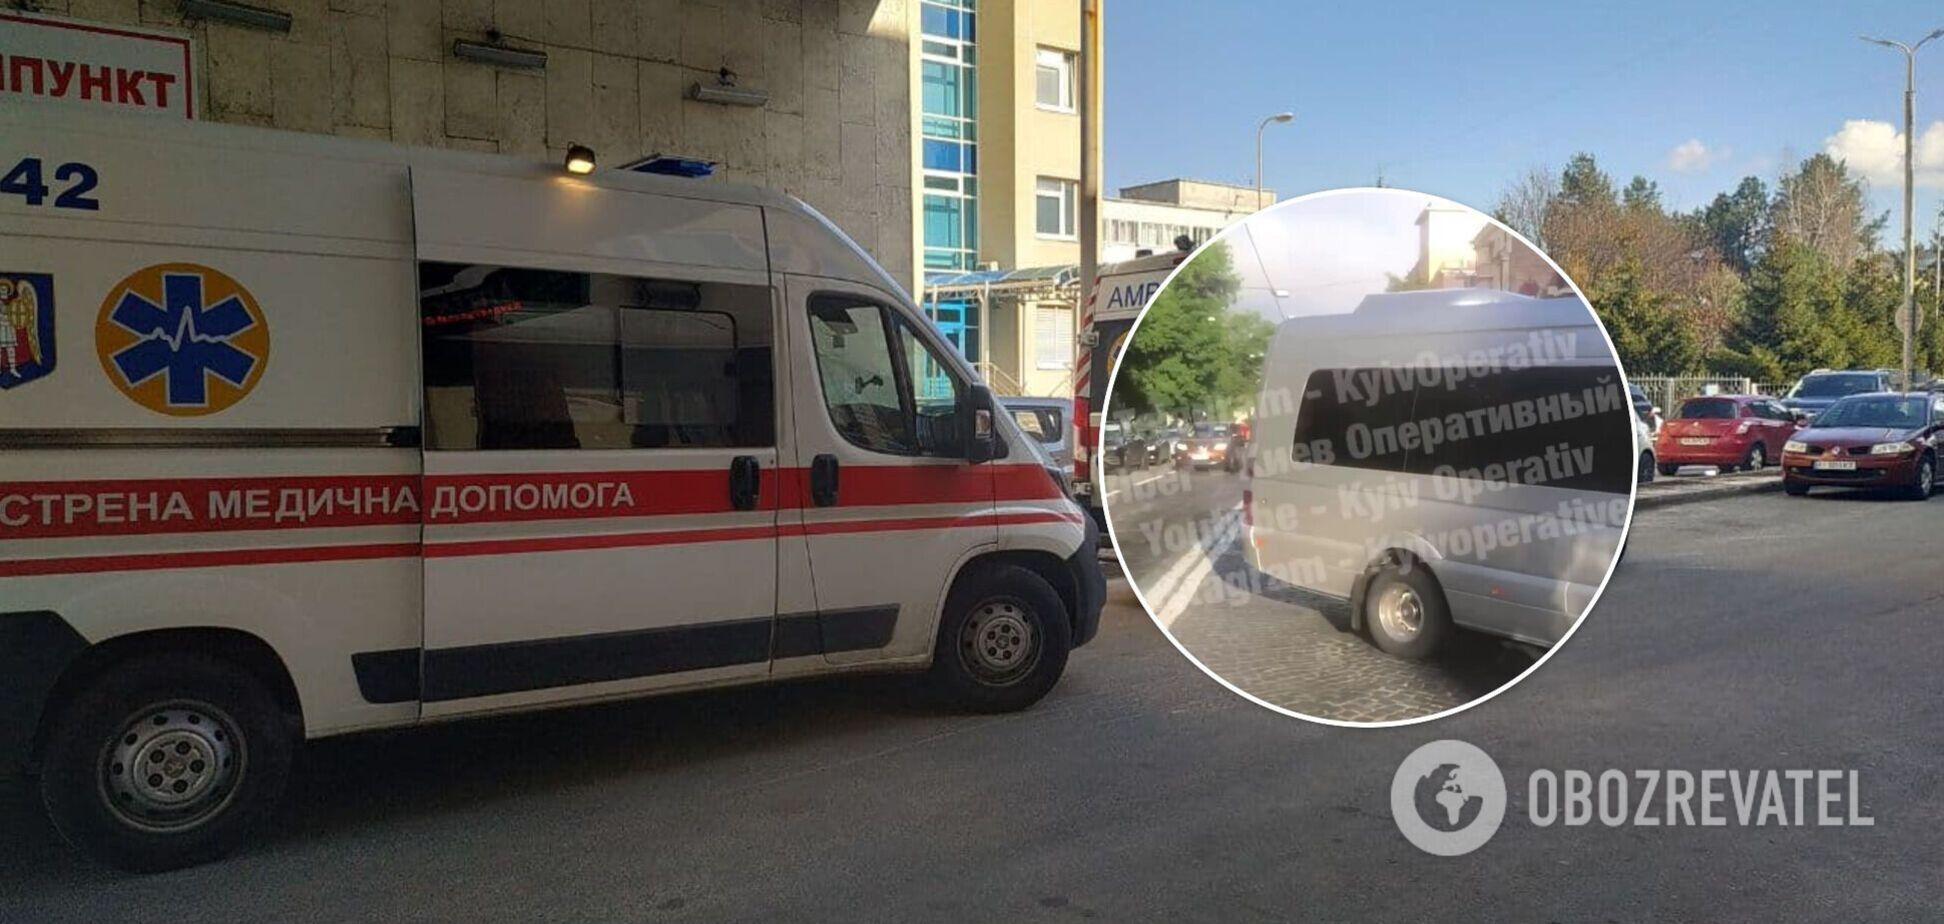 Водитель микроавтобуса нарушил ПДД